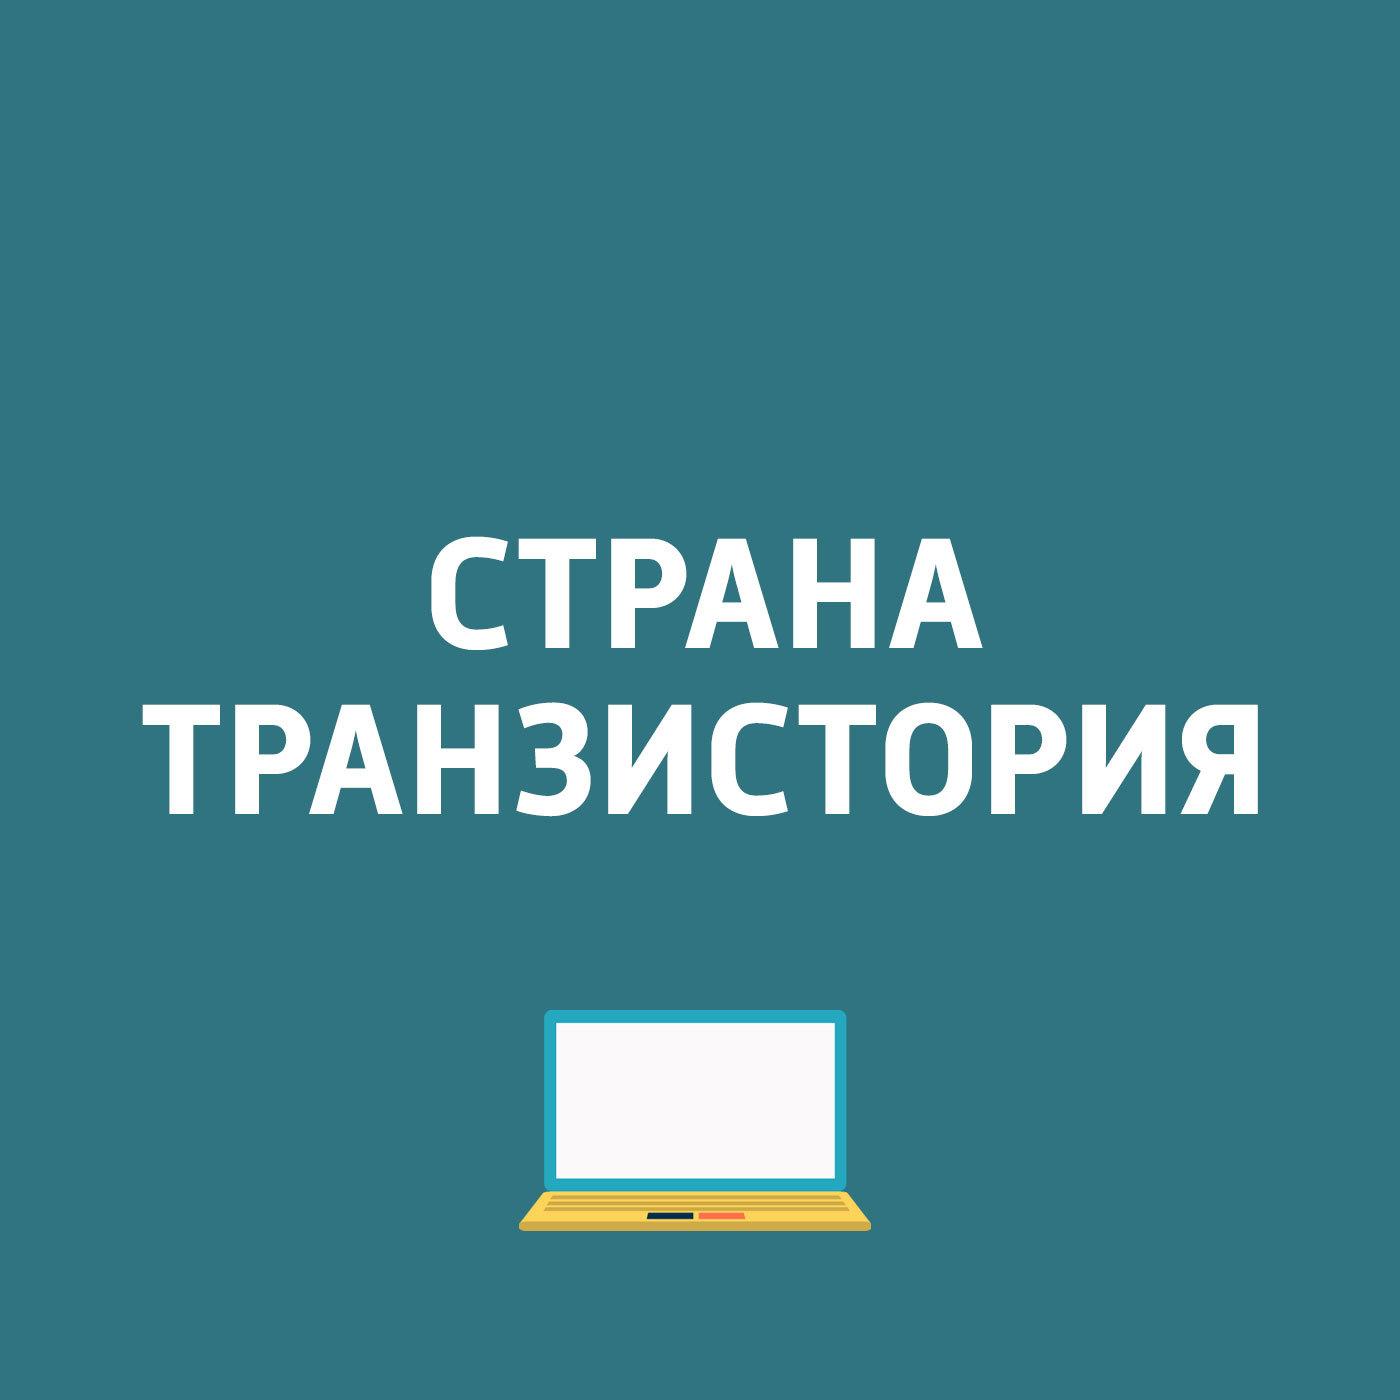 Картаев Павел Новое обновление для IPhone убило аккумуляторы... картаев павел новое обновление для iphone убило аккумуляторы